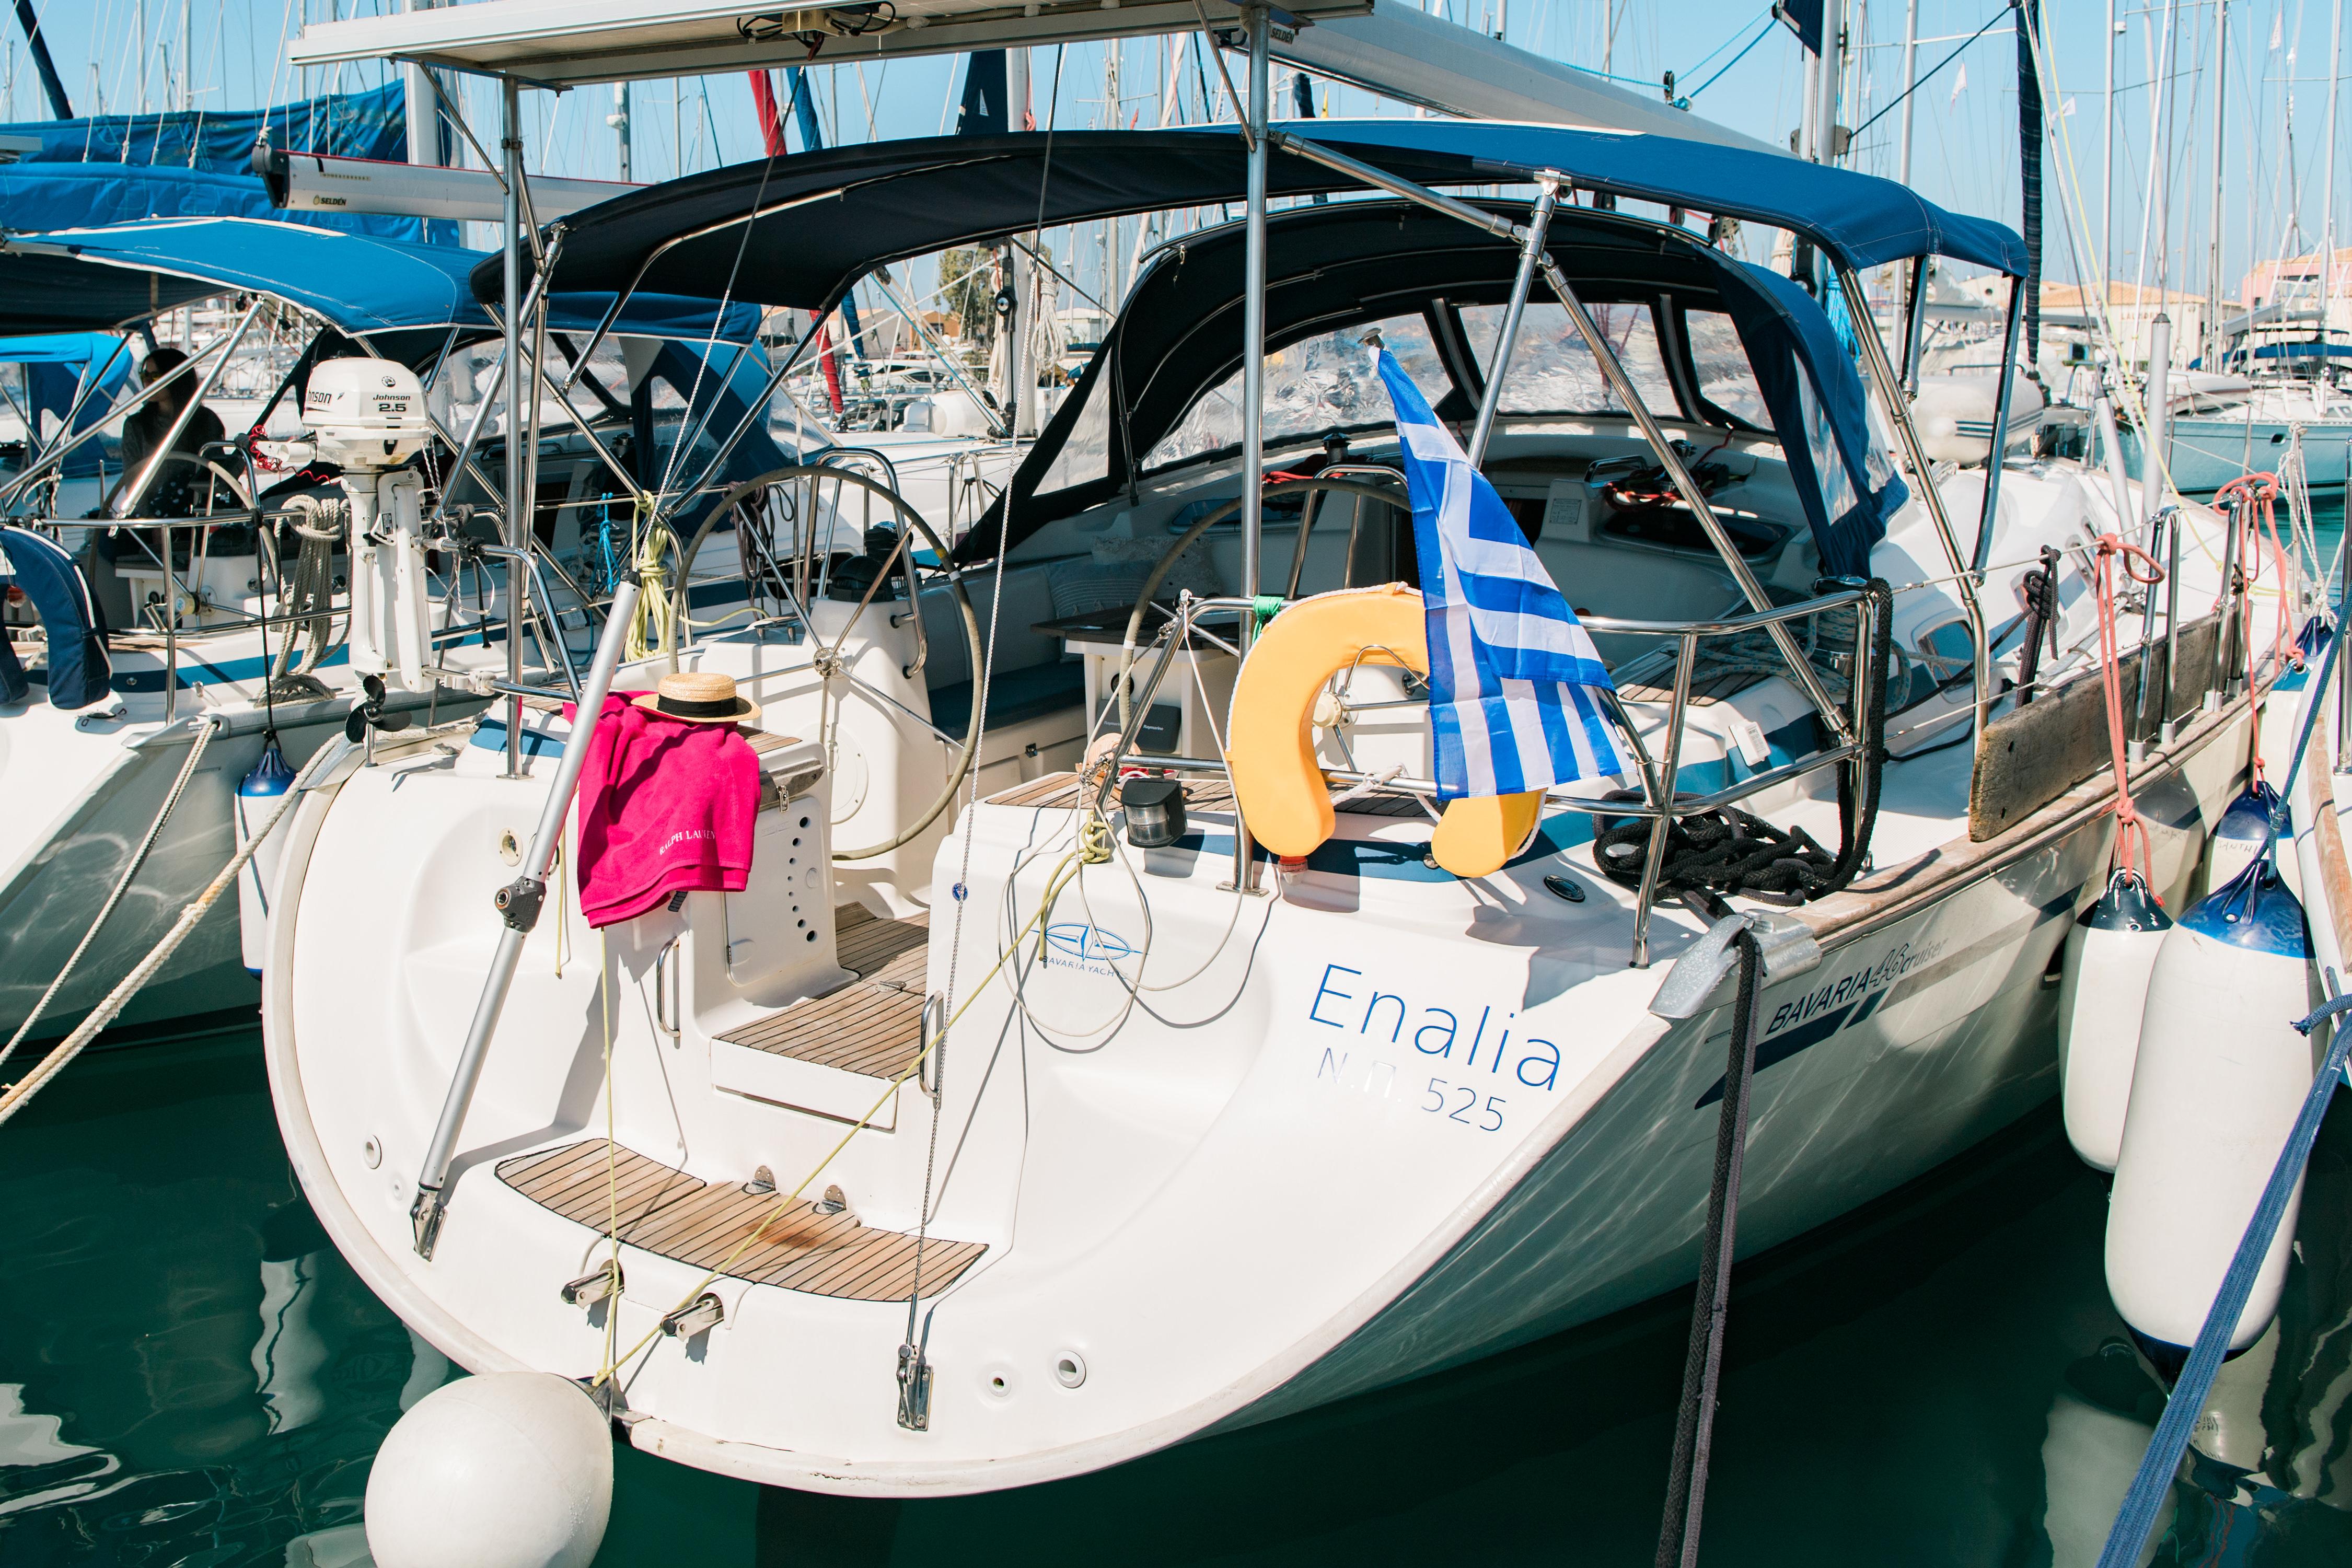 Enalia (Refit 2019)